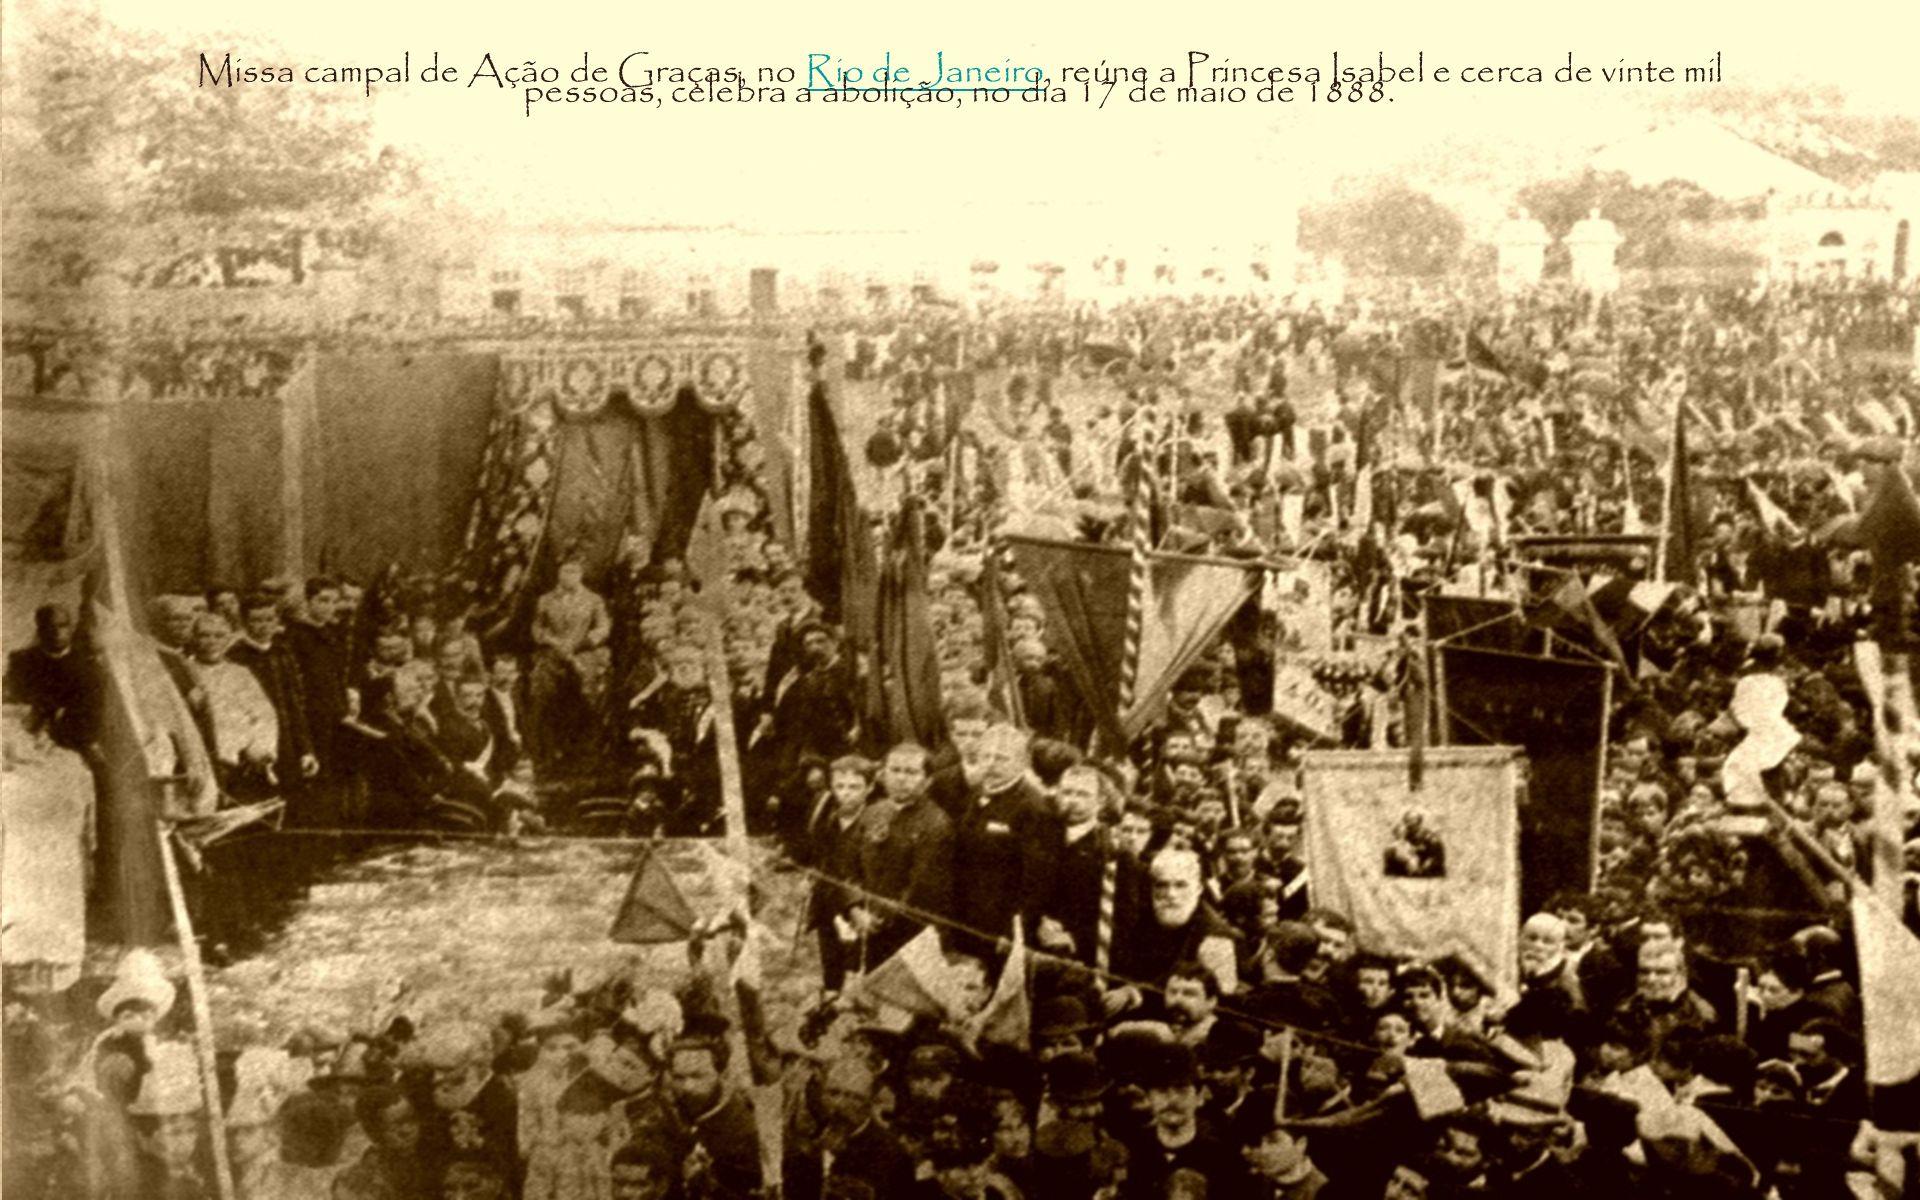 Missa campal de Ação de Graças, no Rio de Janeiro, reúne a Princesa Isabel e cerca de vinte mil pessoas, celebra a abolição, no dia 17 de maio de 1888